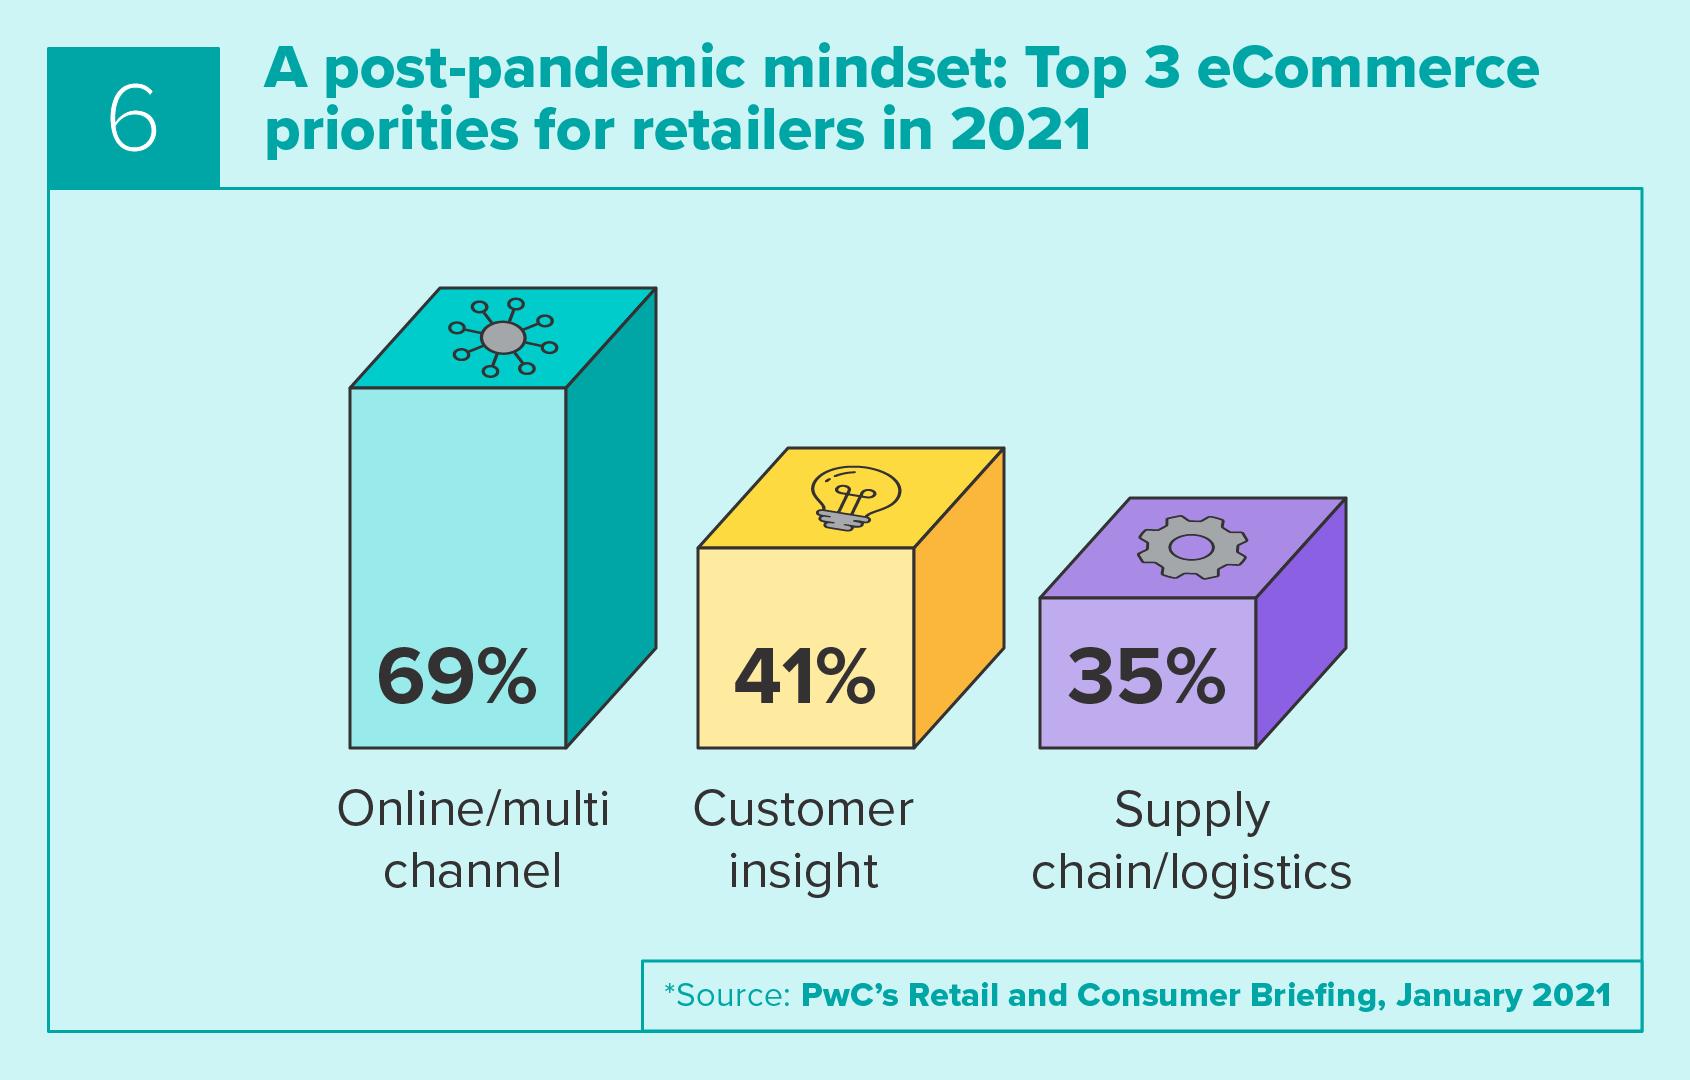 Top 3 eCommerce priorities for retailers in 2021